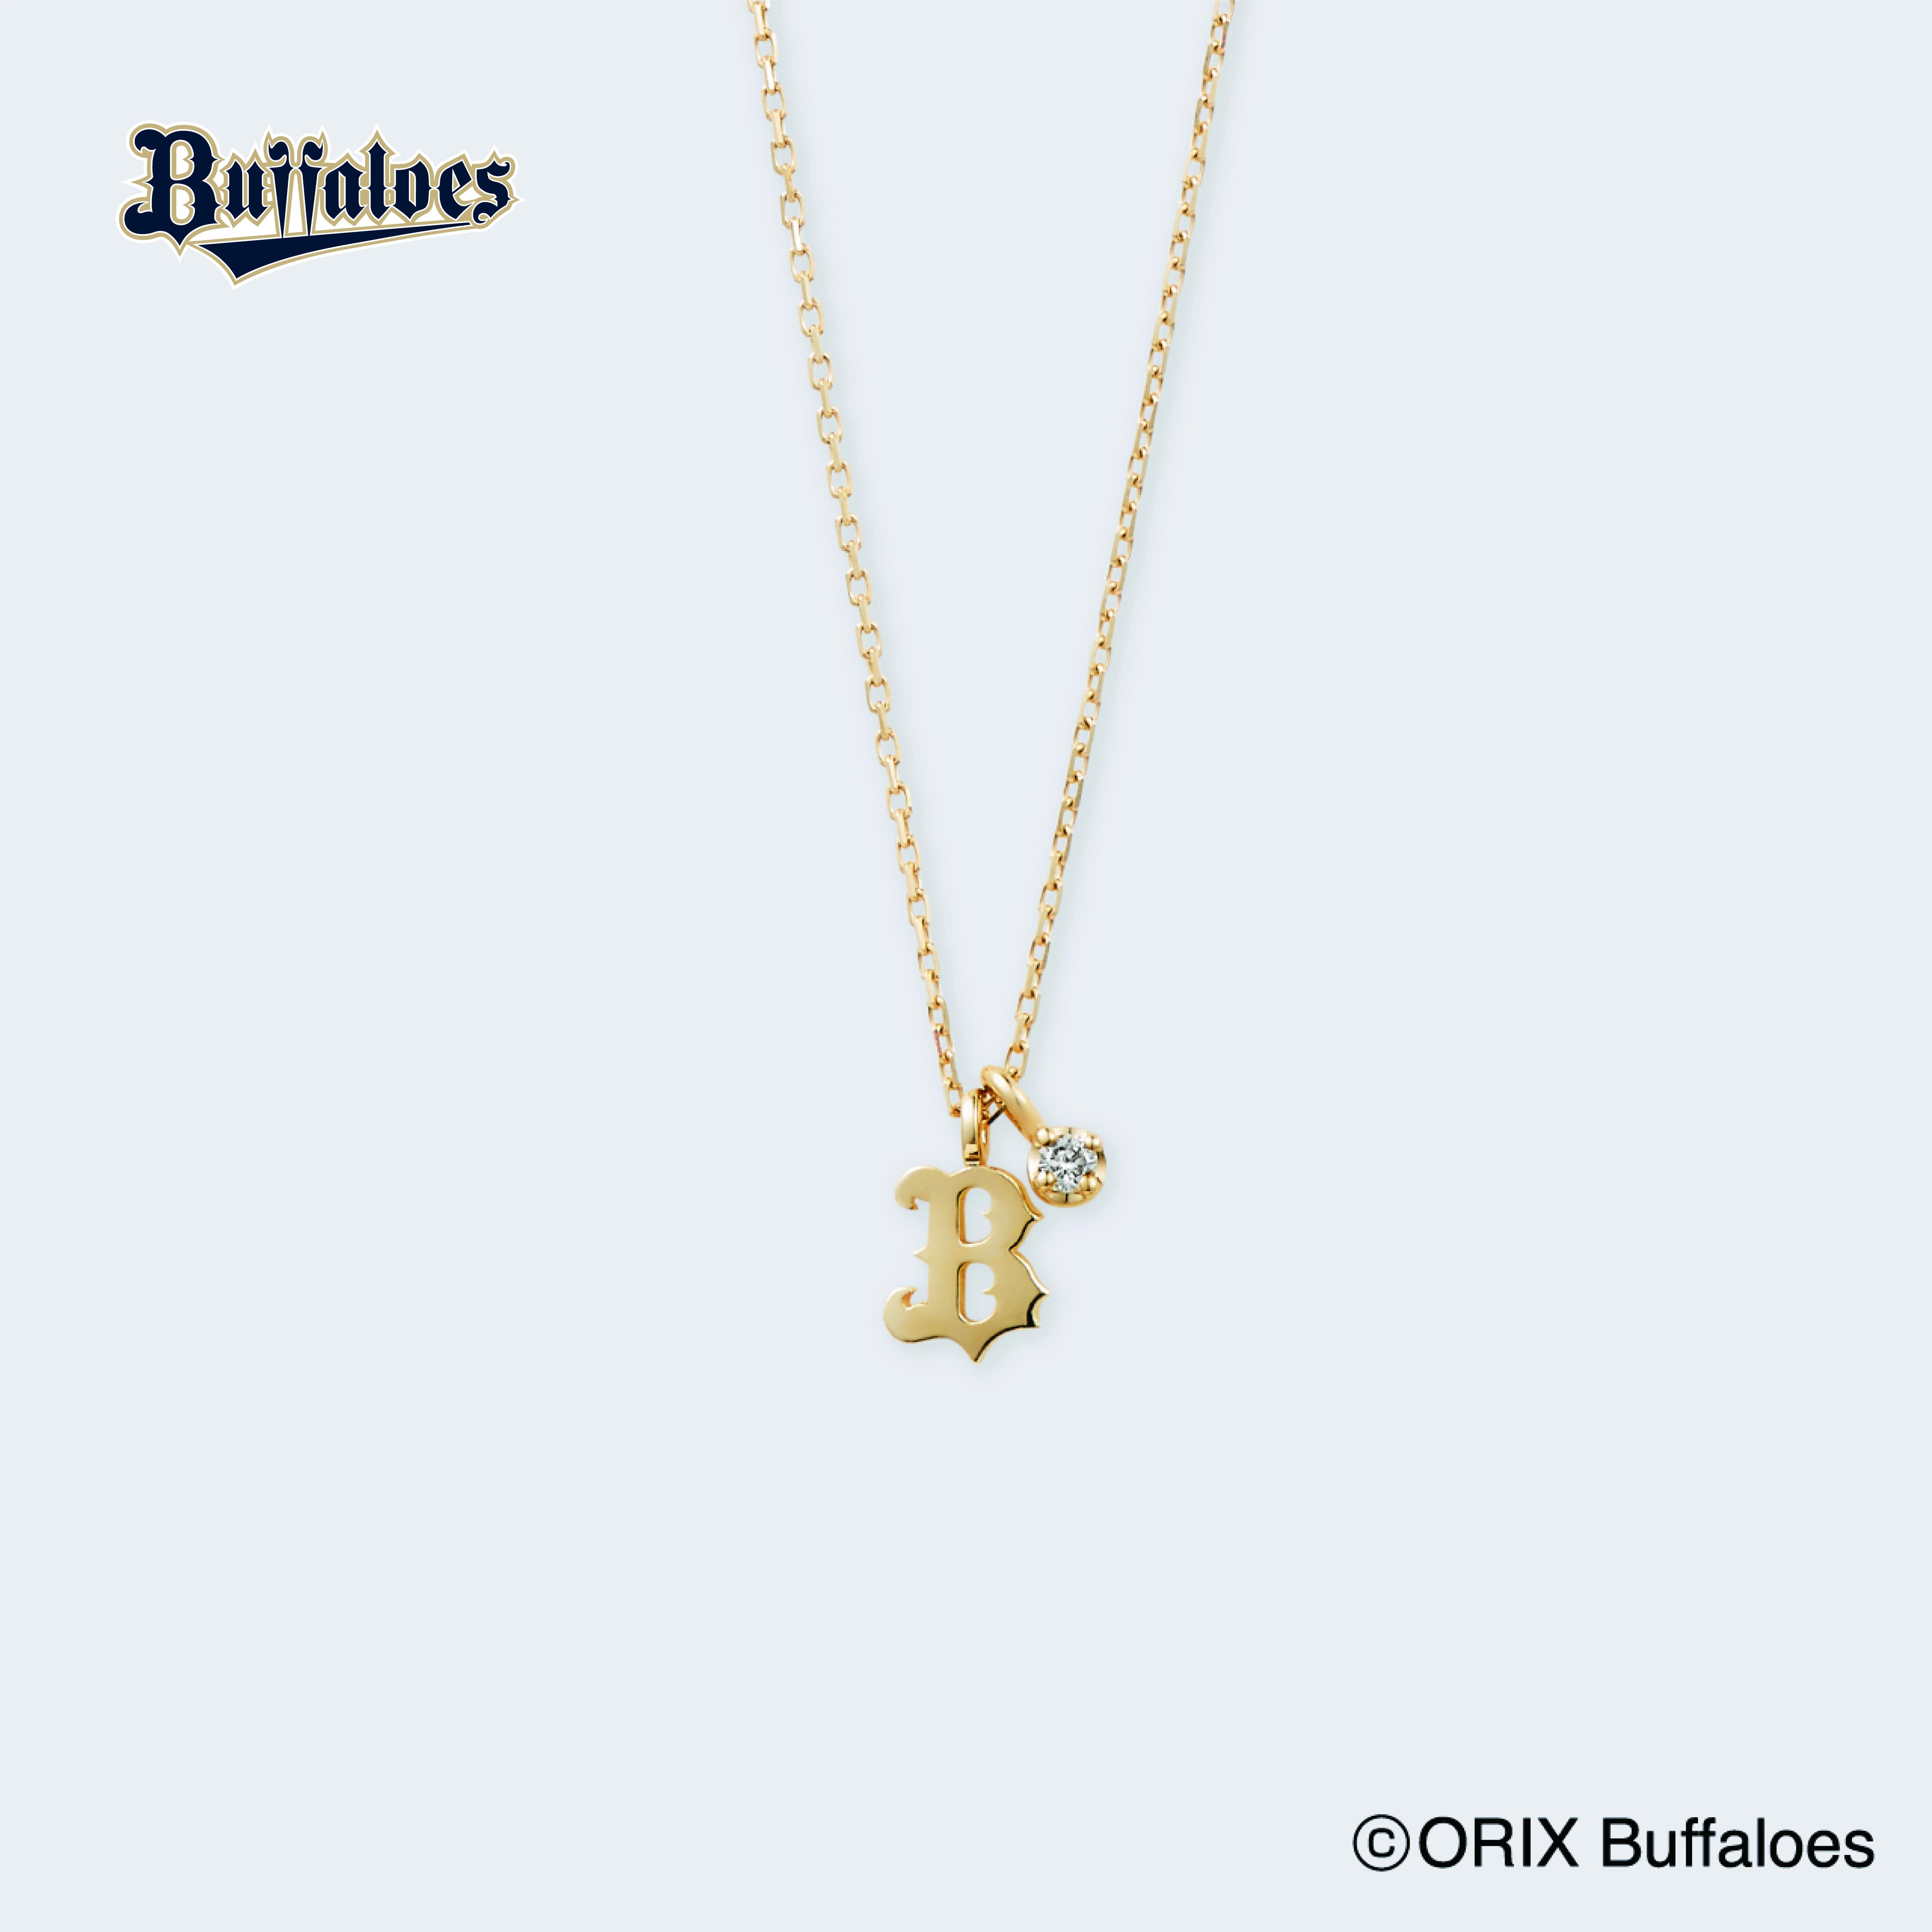 ビジュピコ×プロ野球球団コラボネックレス・オリックス・バファローズ(K10イエローゴールド・ダイヤモンド)